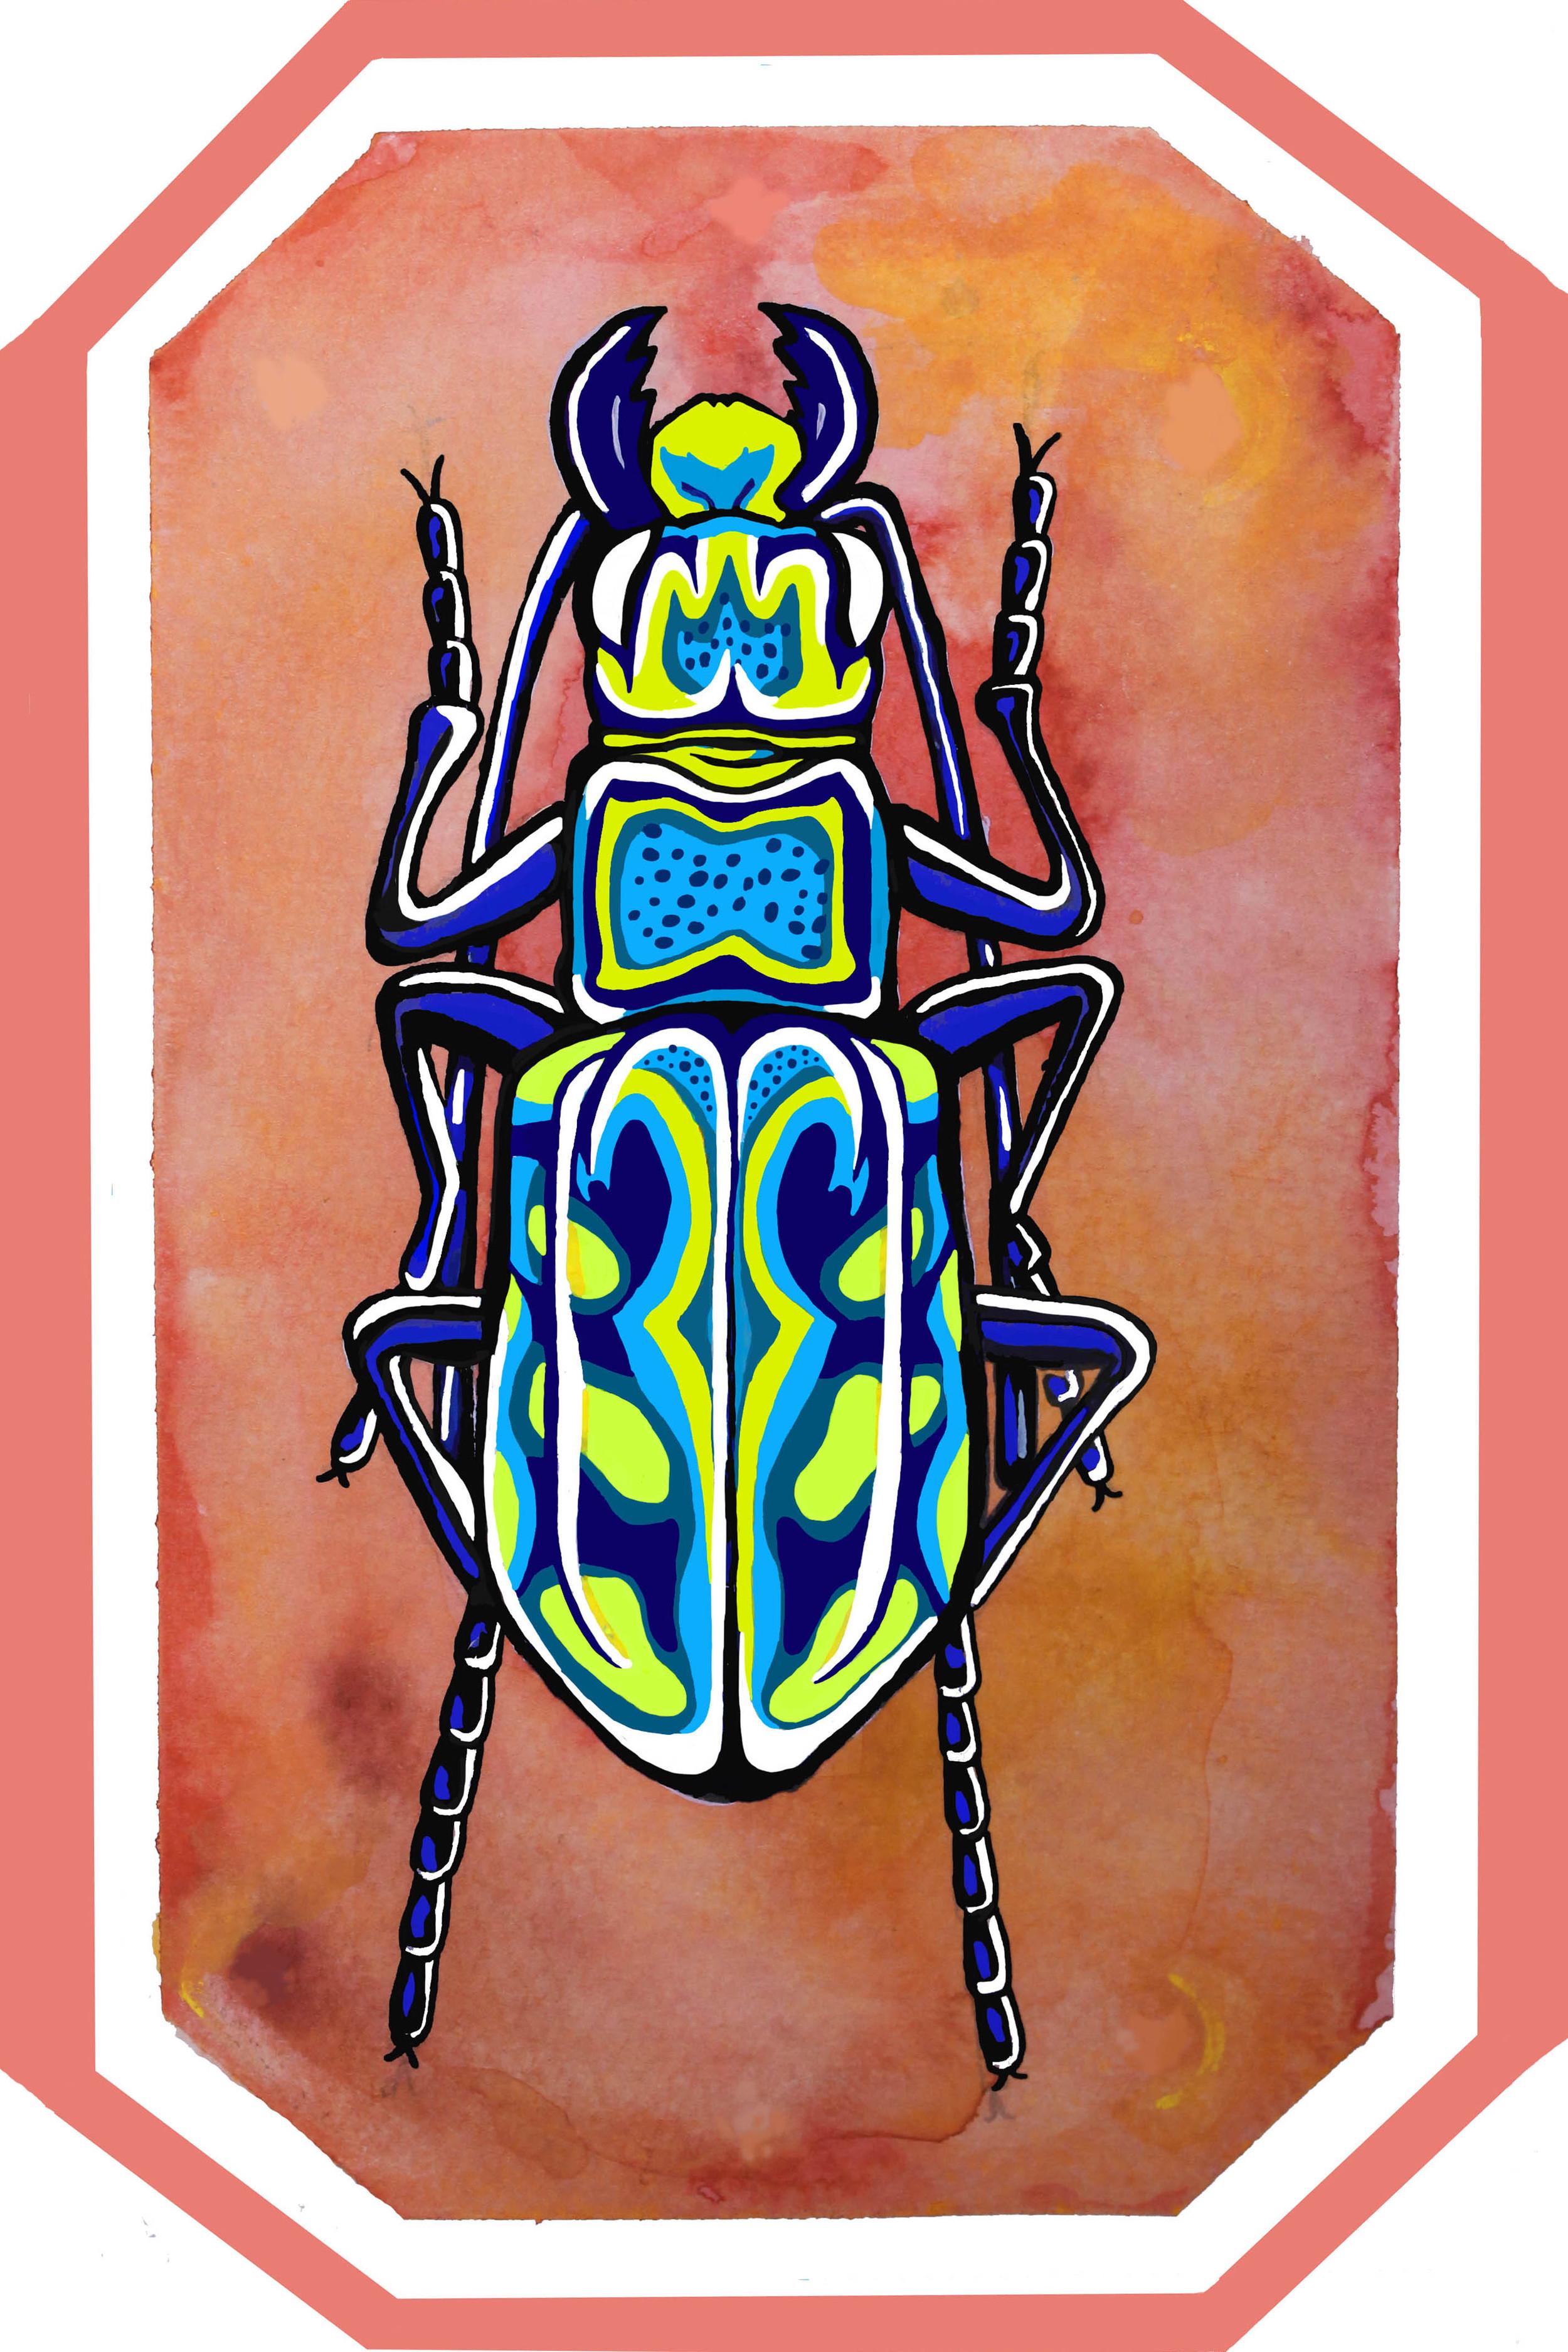 cicindela nitida  gouache, watercolor, and photoshop  7x5  2016